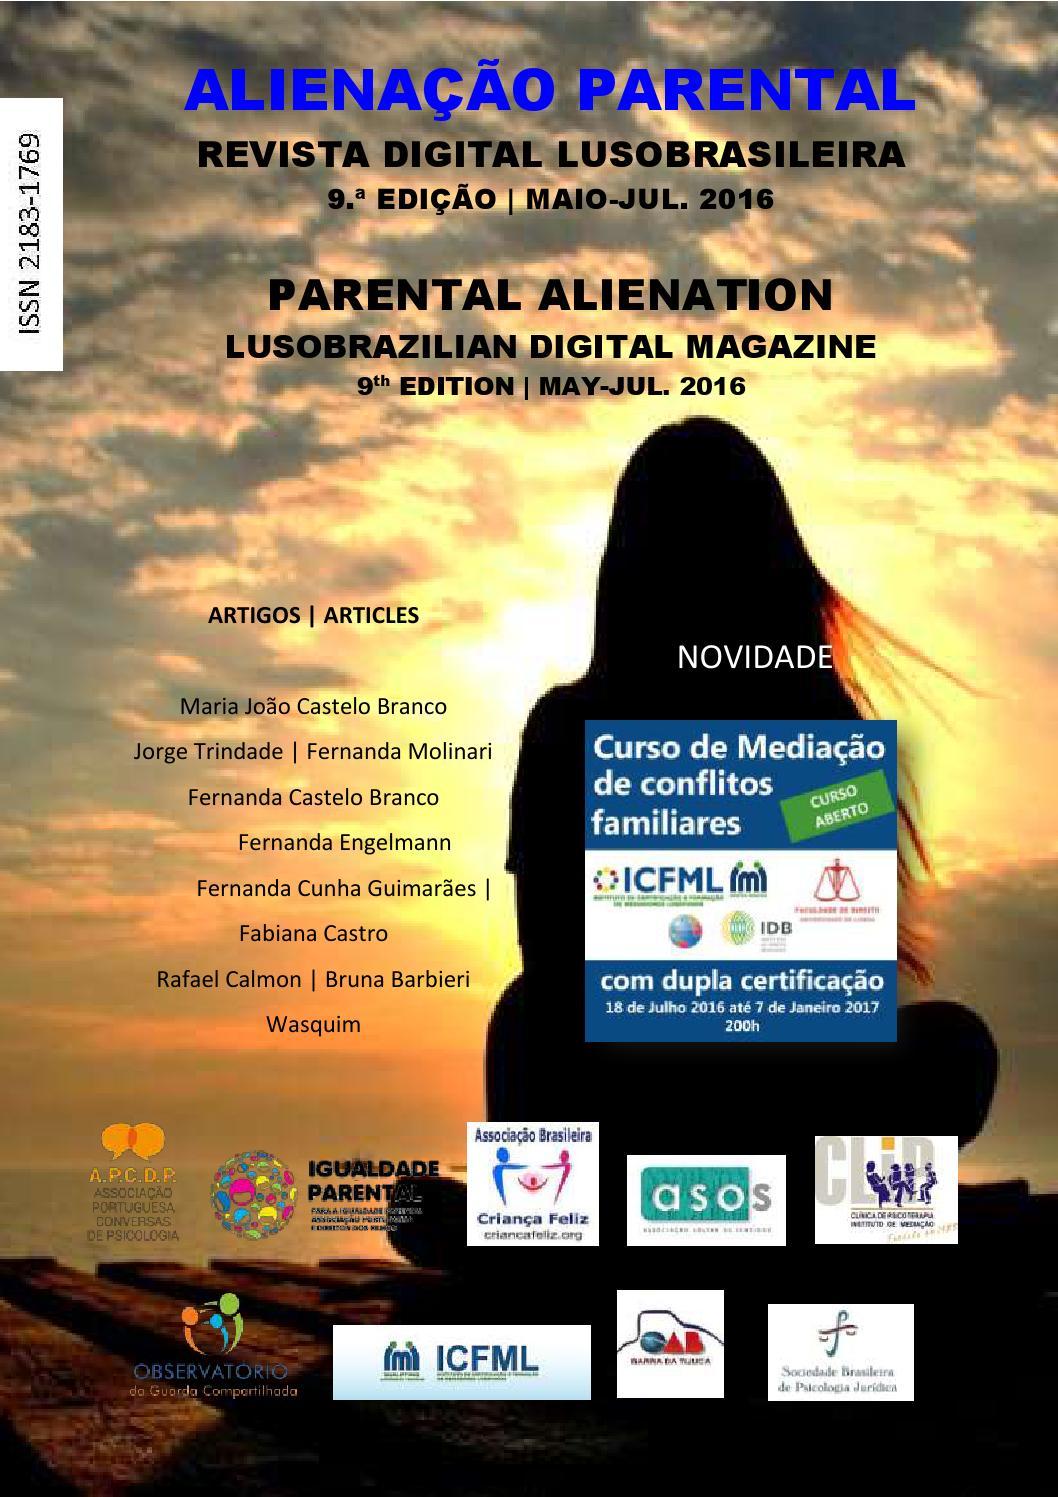 c1c5407b7 REVISTA ALIENAÇÃO PARENTAL